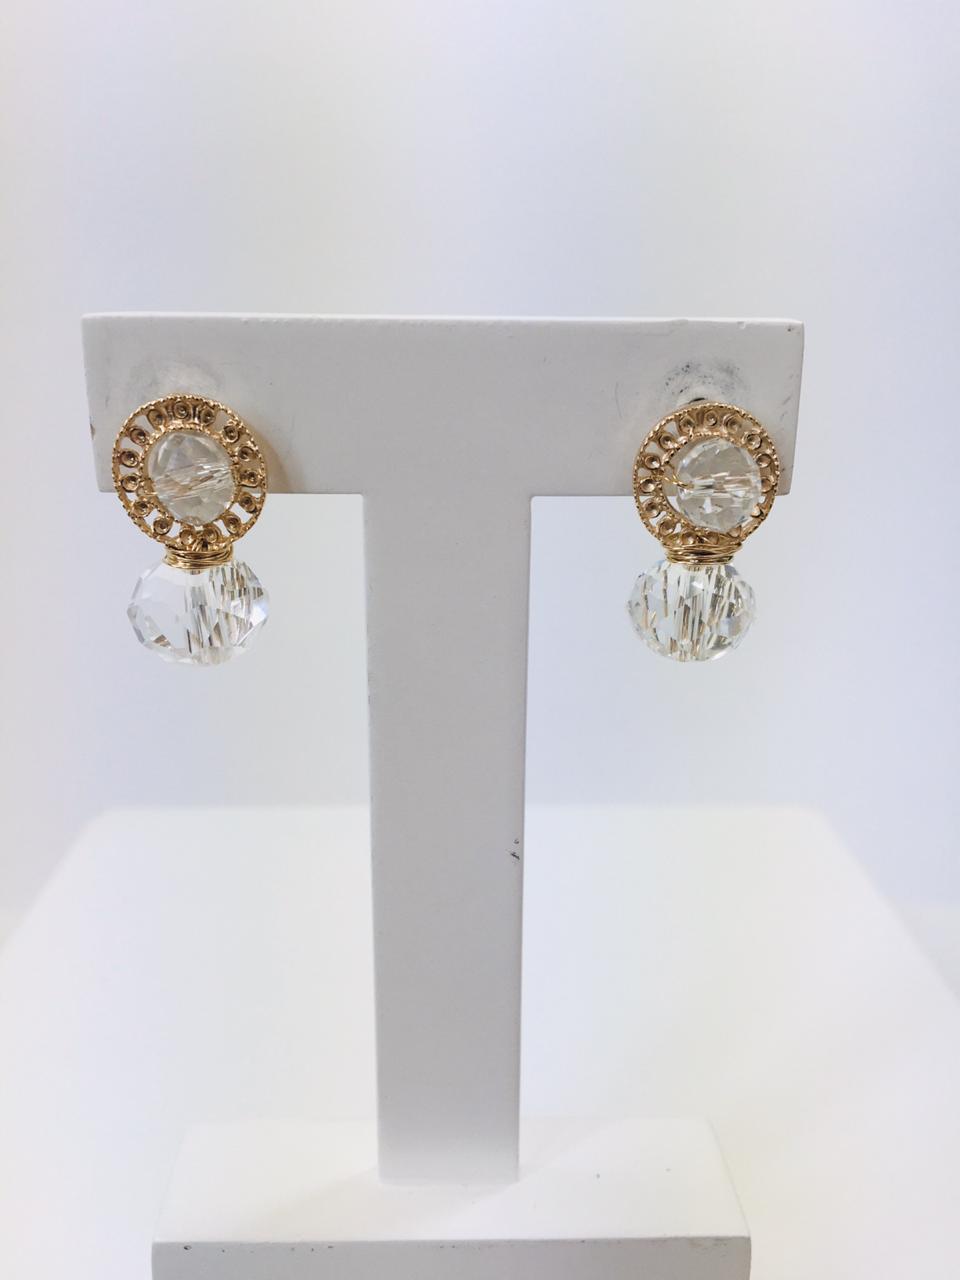 Brinco bordado com cristais transparente folheado em ouro 18k - B3T0012